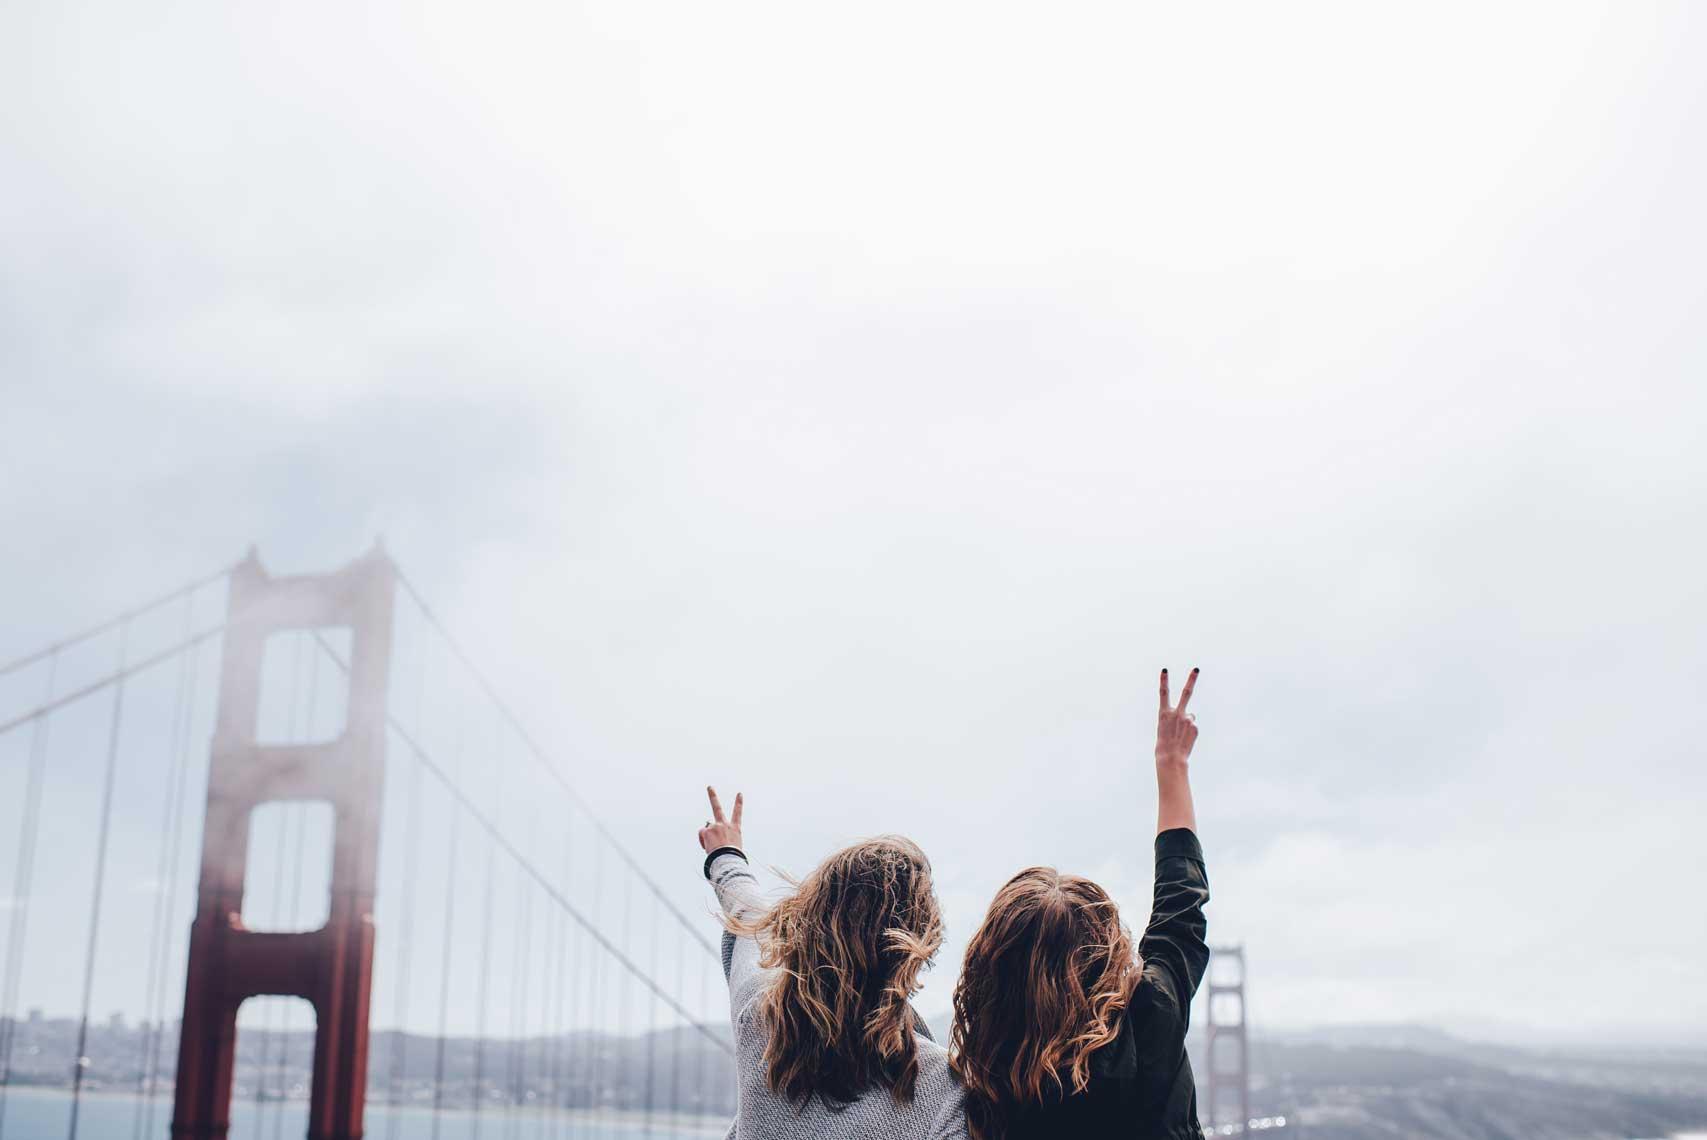 viaje con amigas de interrail